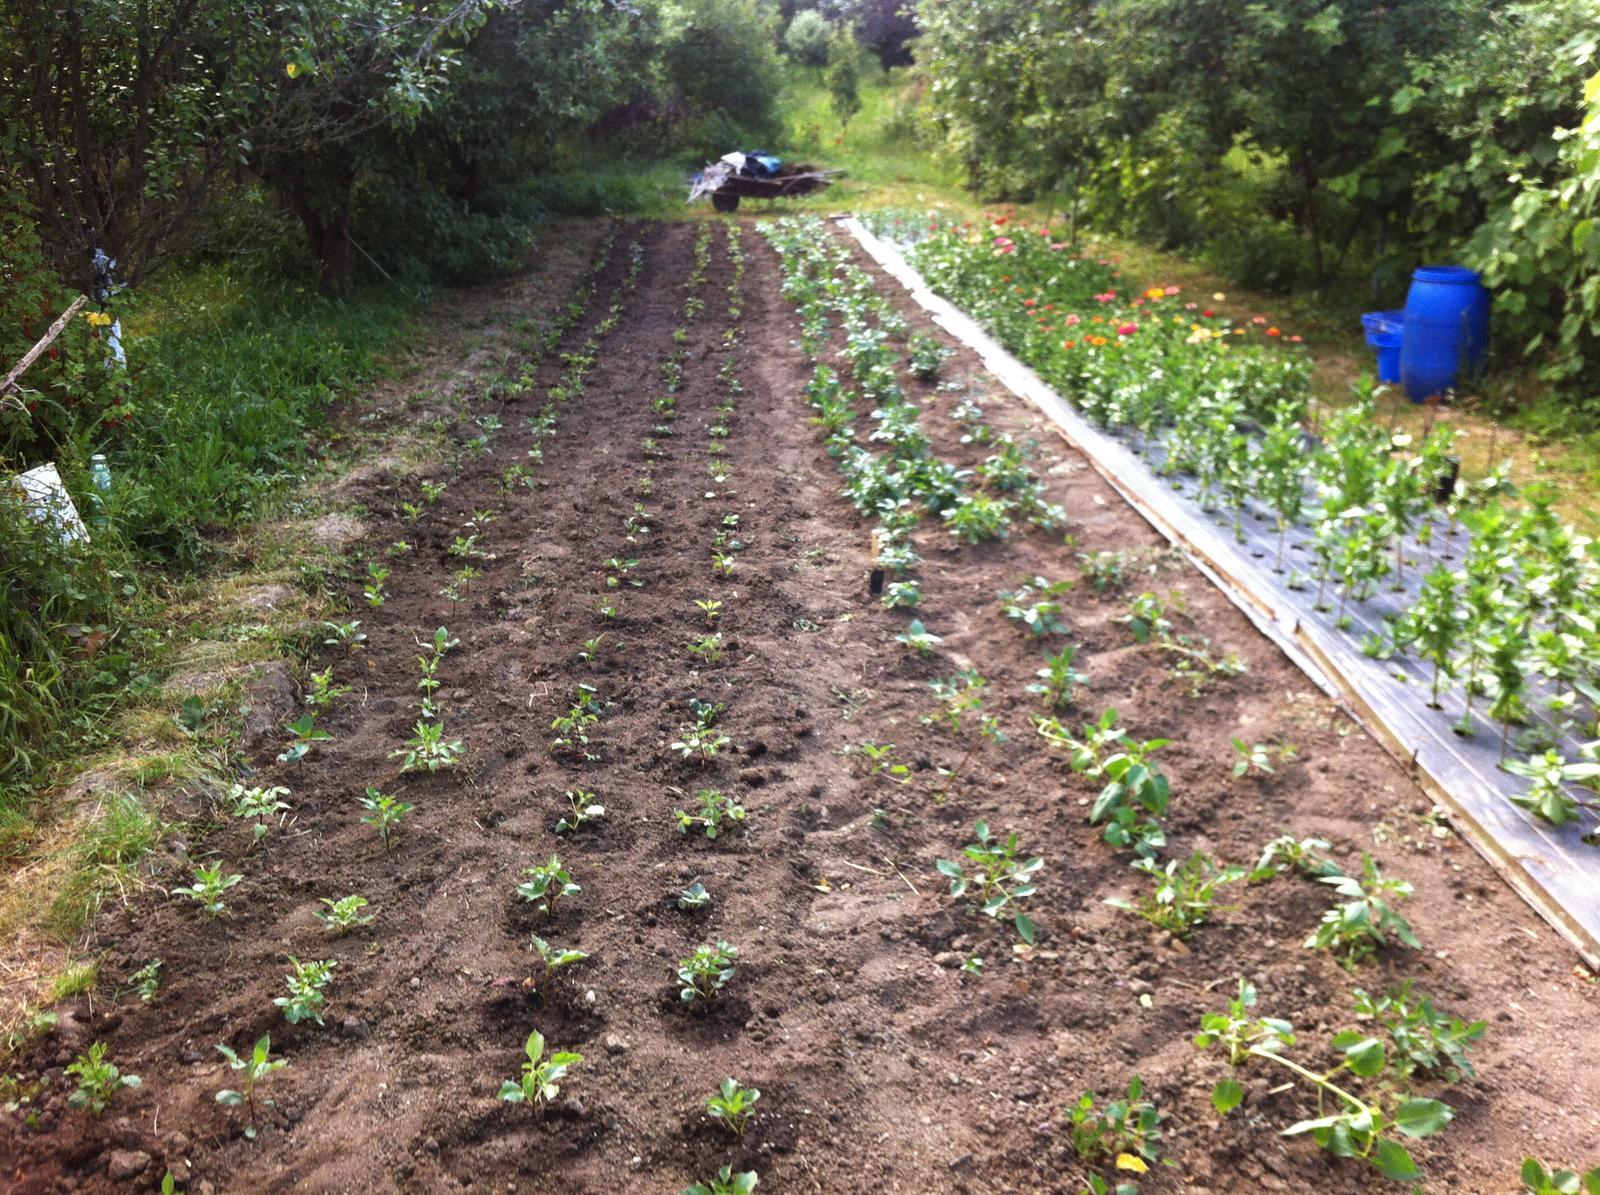 Vo víre kvetov... - Dnes sme vysadili 200 sadeničiek dálií (4 rady zľava). Keď som rátala, koľko ich už máme, chýba pár koreňov do rovných 500 :-)